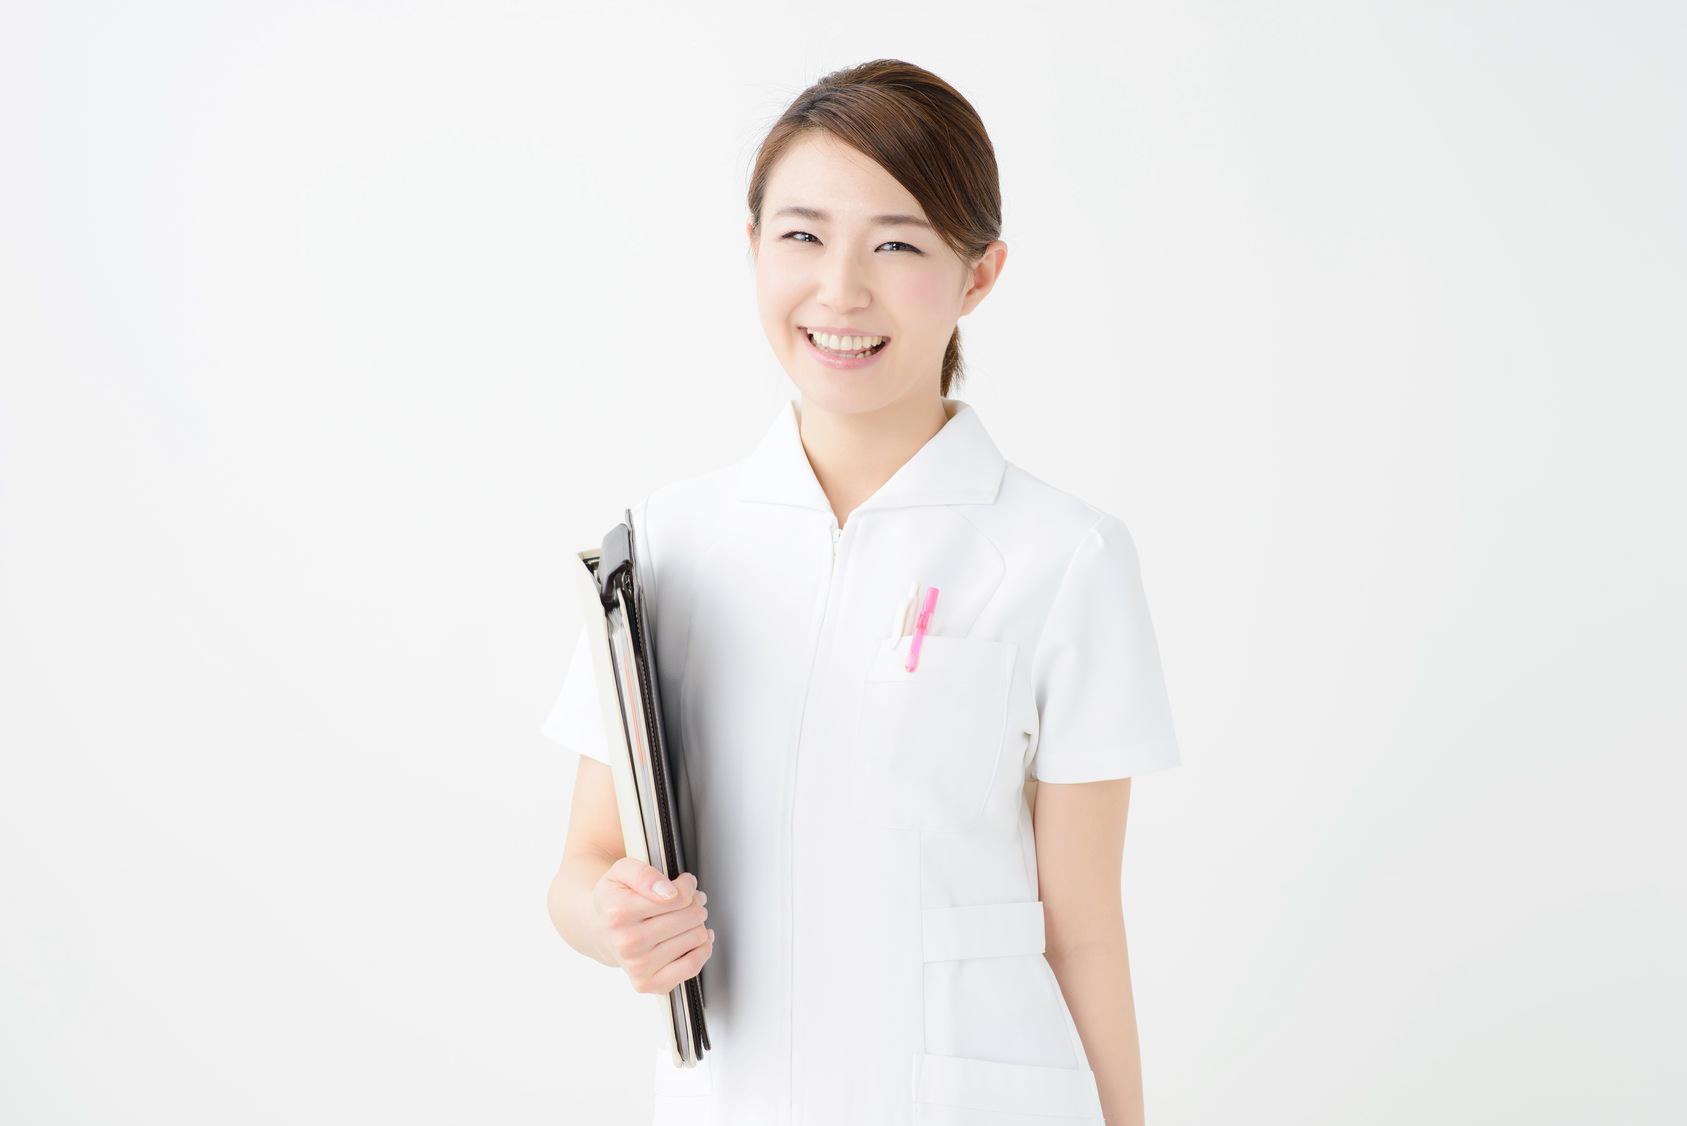 看護師人気